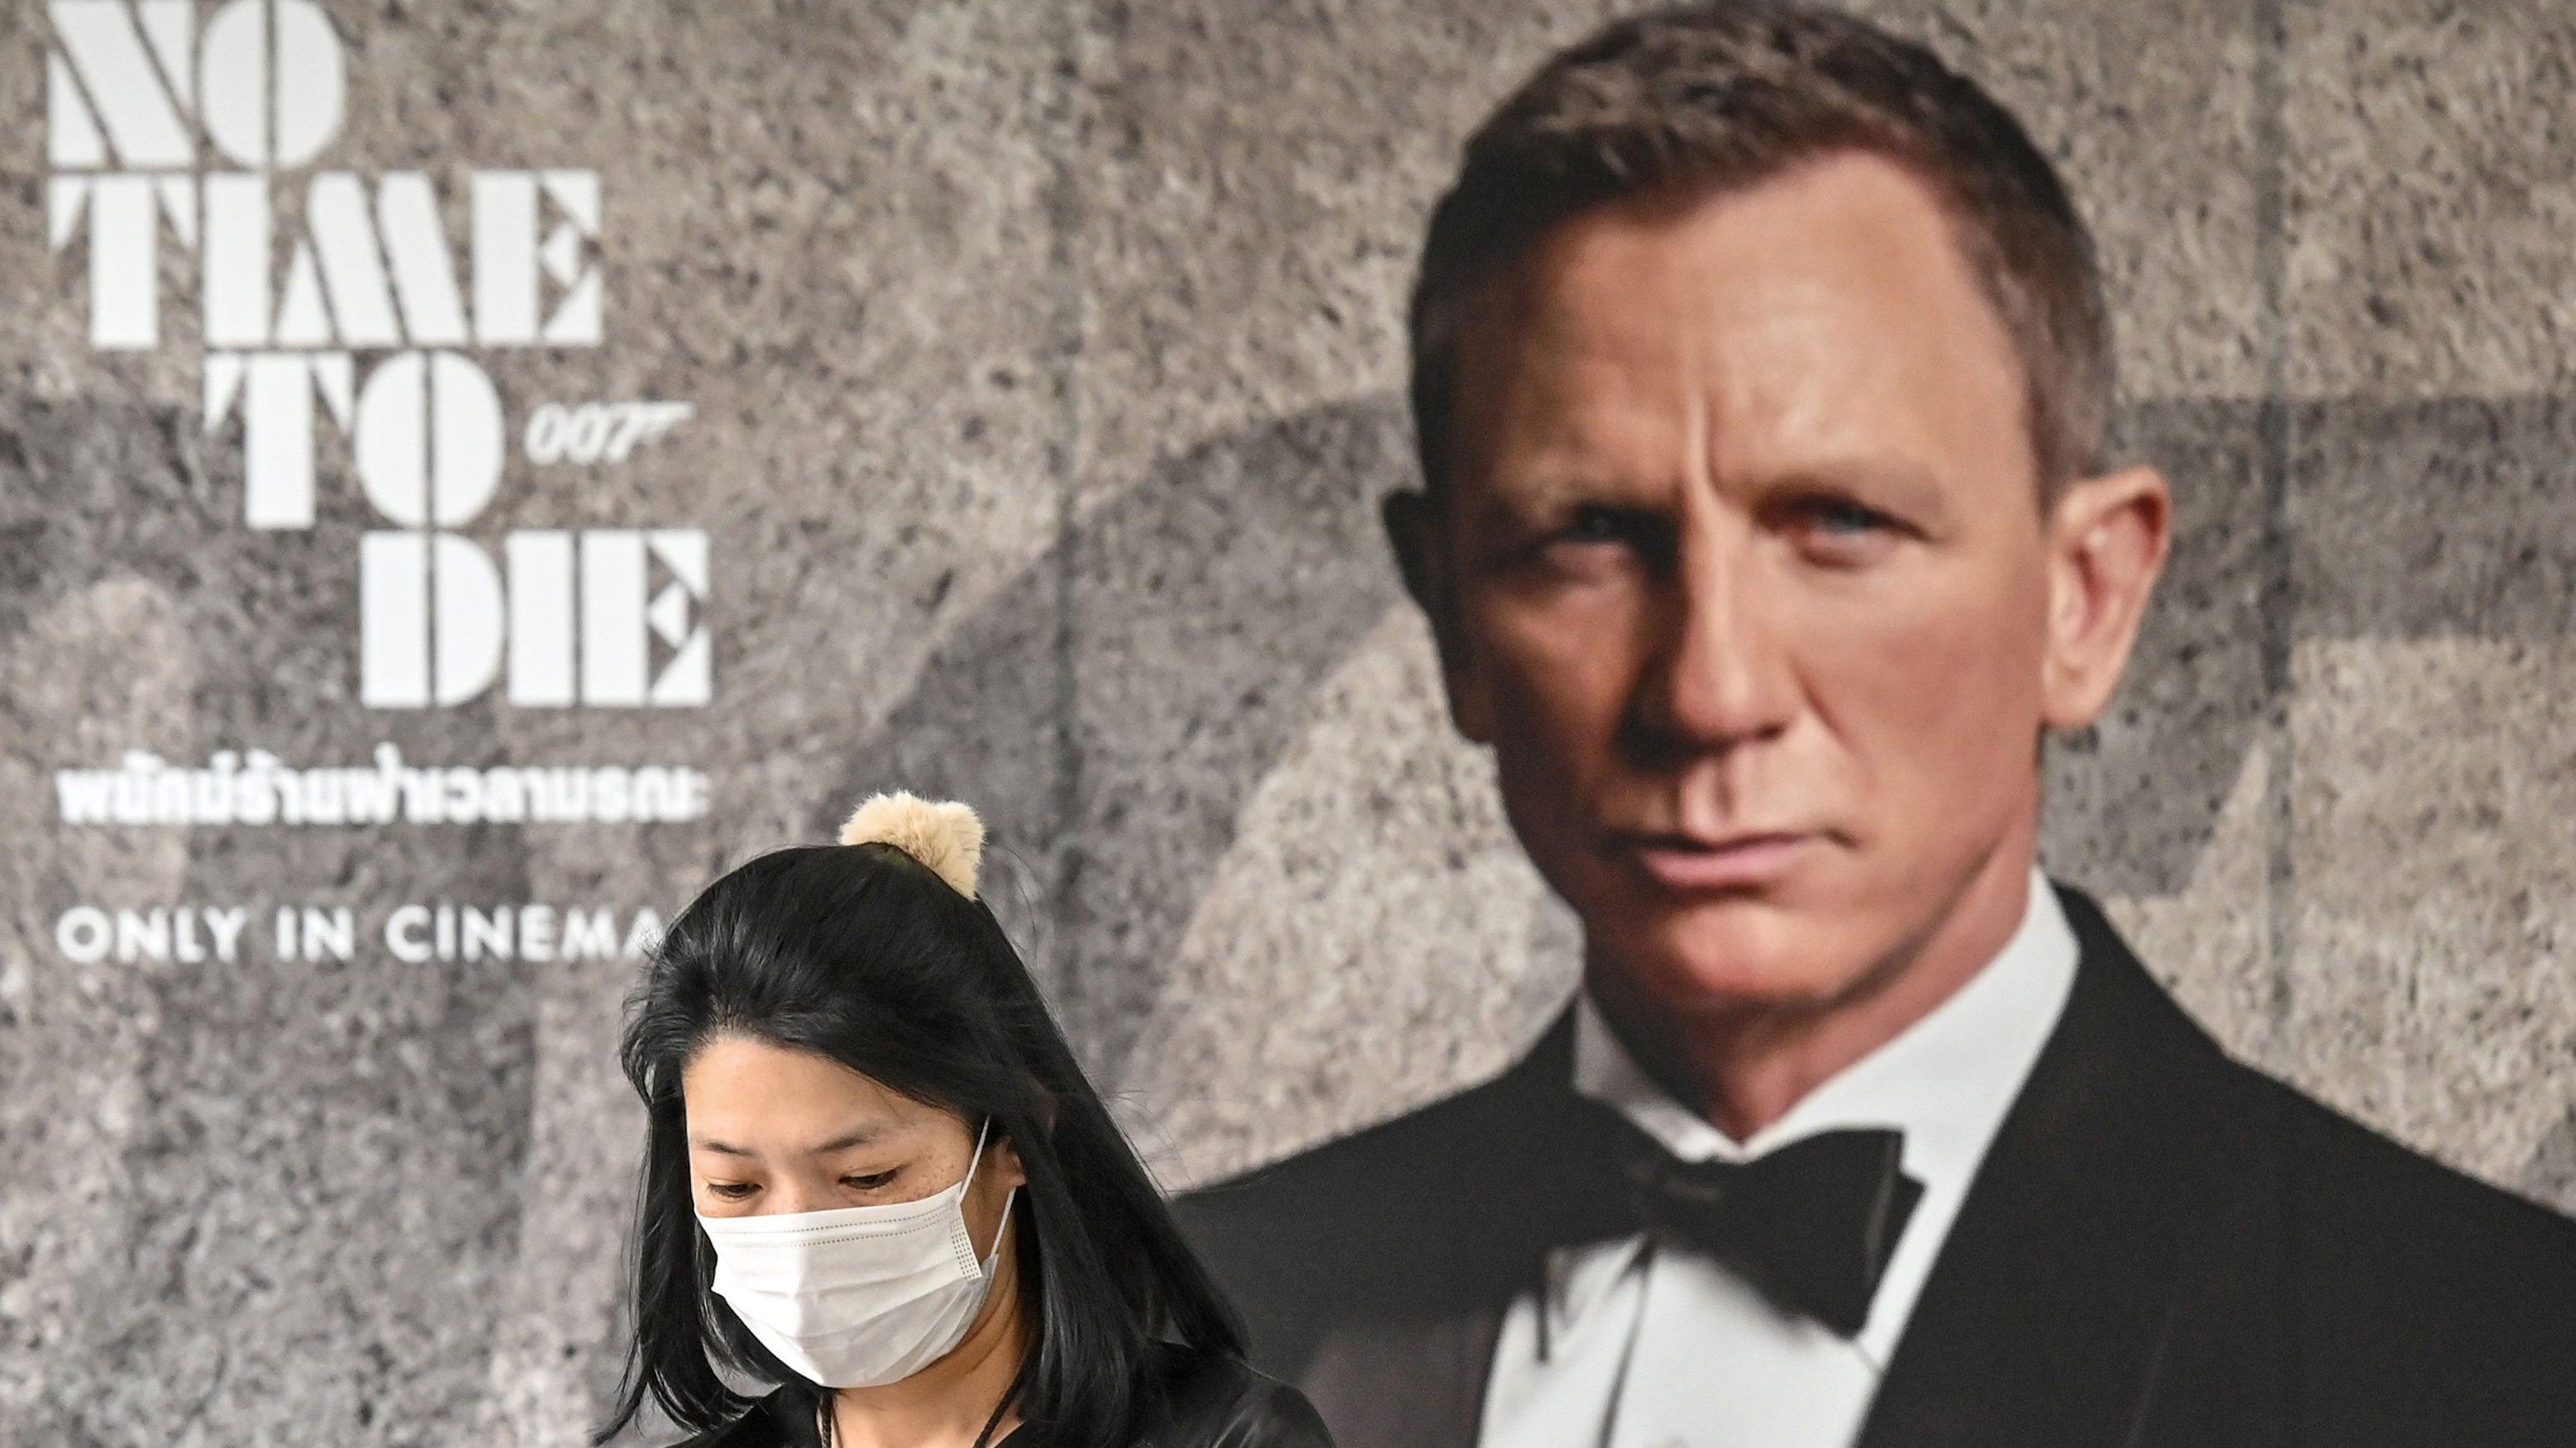 james bond no time to die coronavirus mask